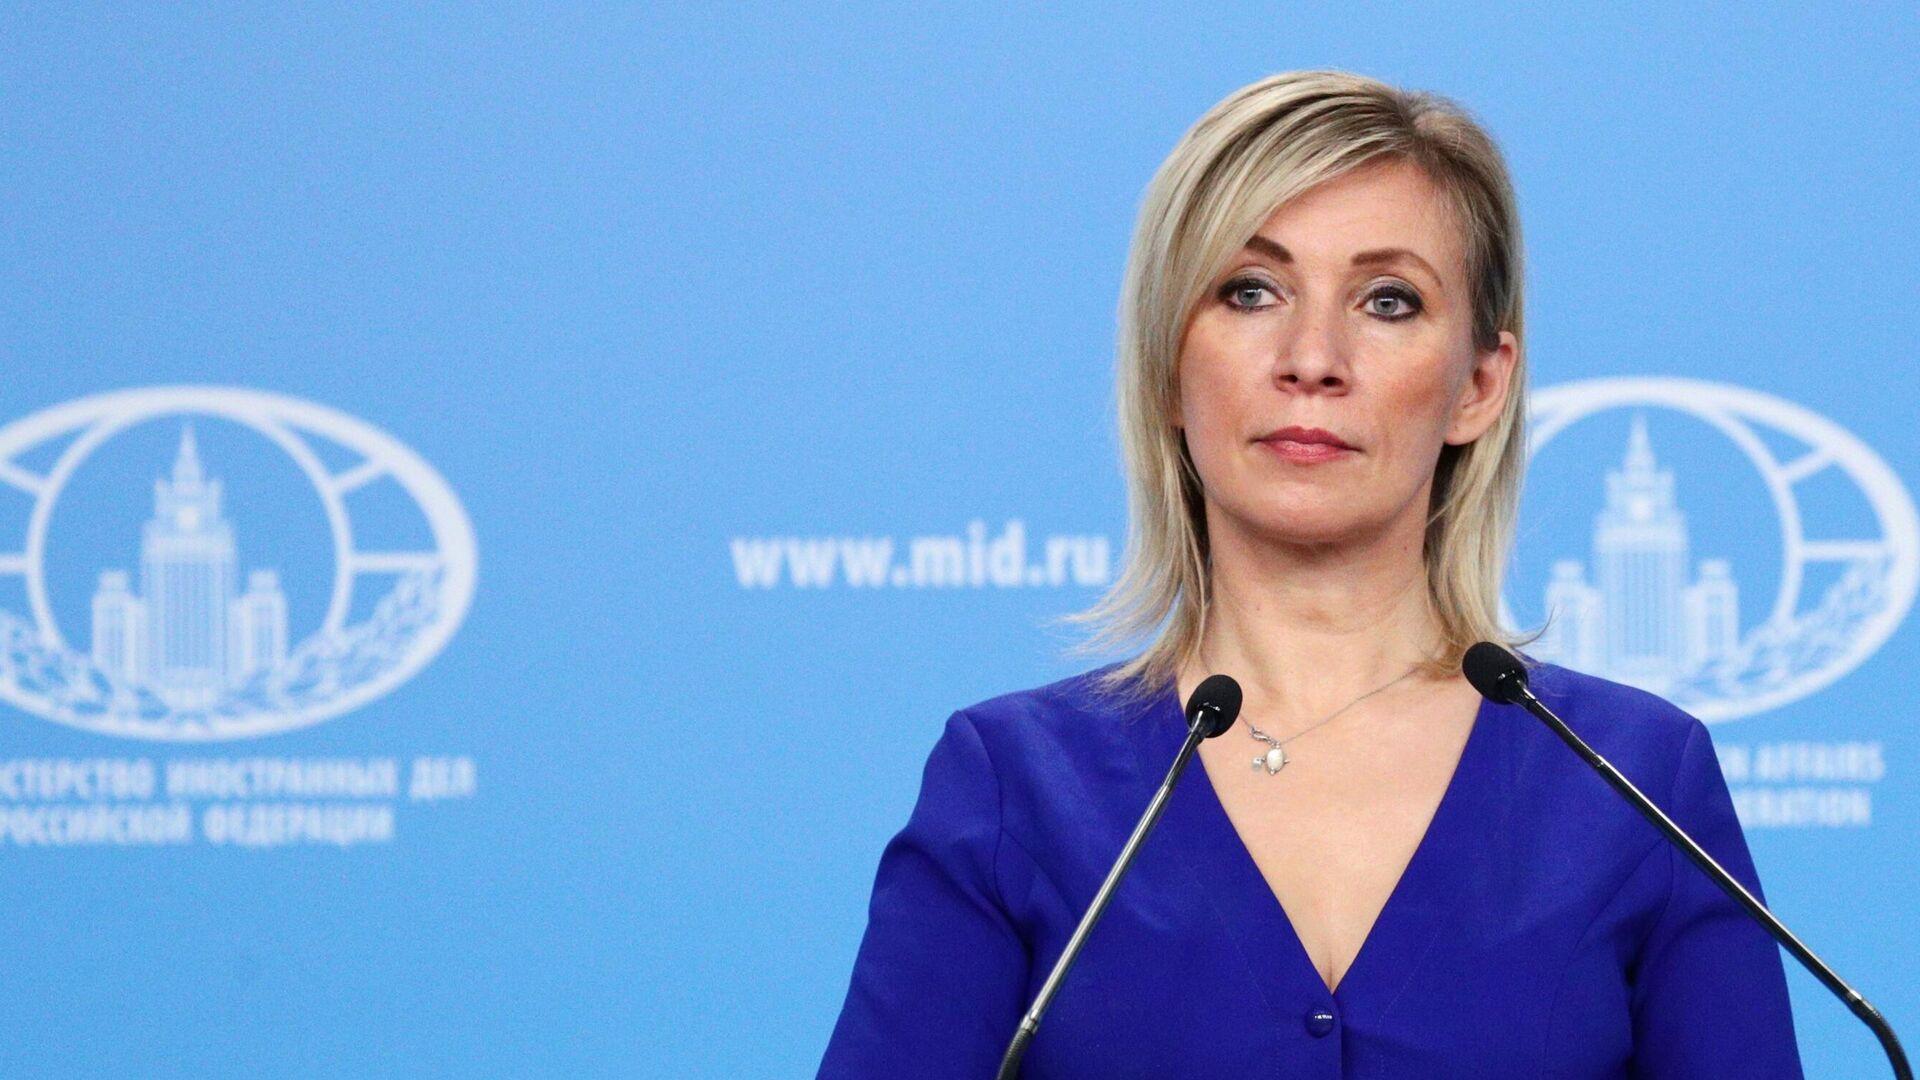 Официальный представитель Министерства иностранных дел России Мария Захарова - РИА Новости, 1920, 03.03.2021